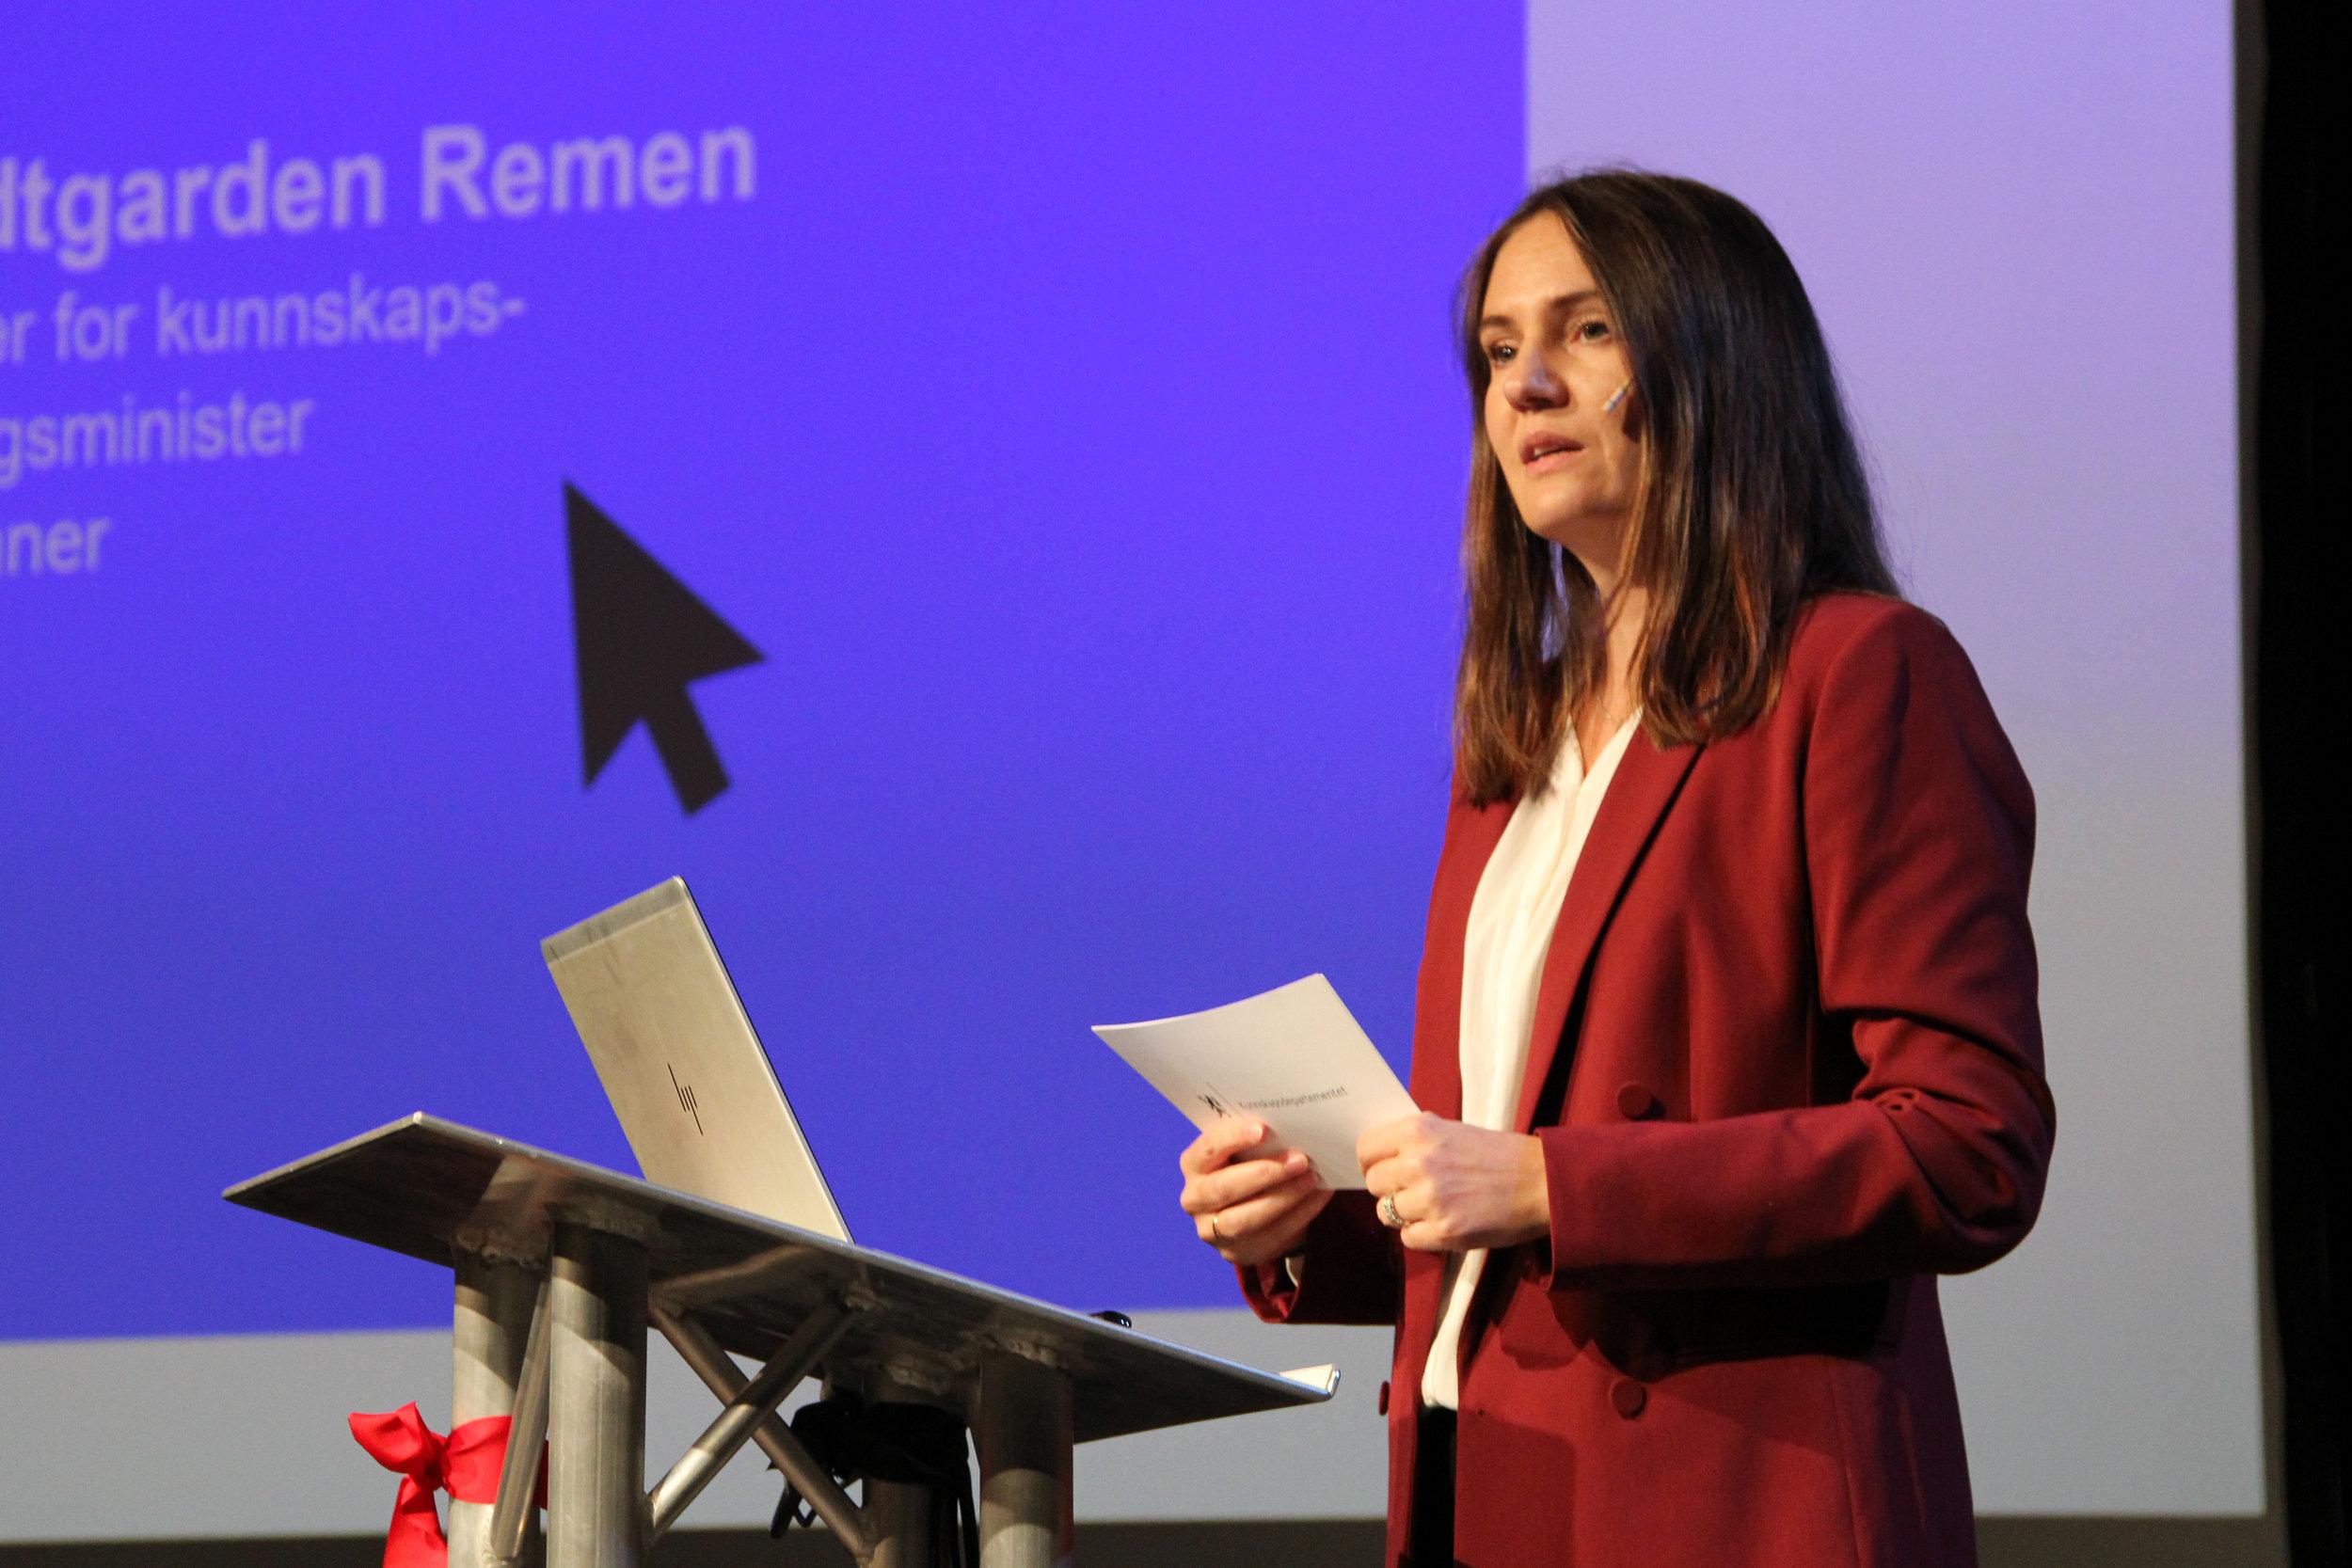 Julie Remen, stassekretær for kunnskapsminister Sanner, snakket om viktigheten av DKS i skolen oppdrag